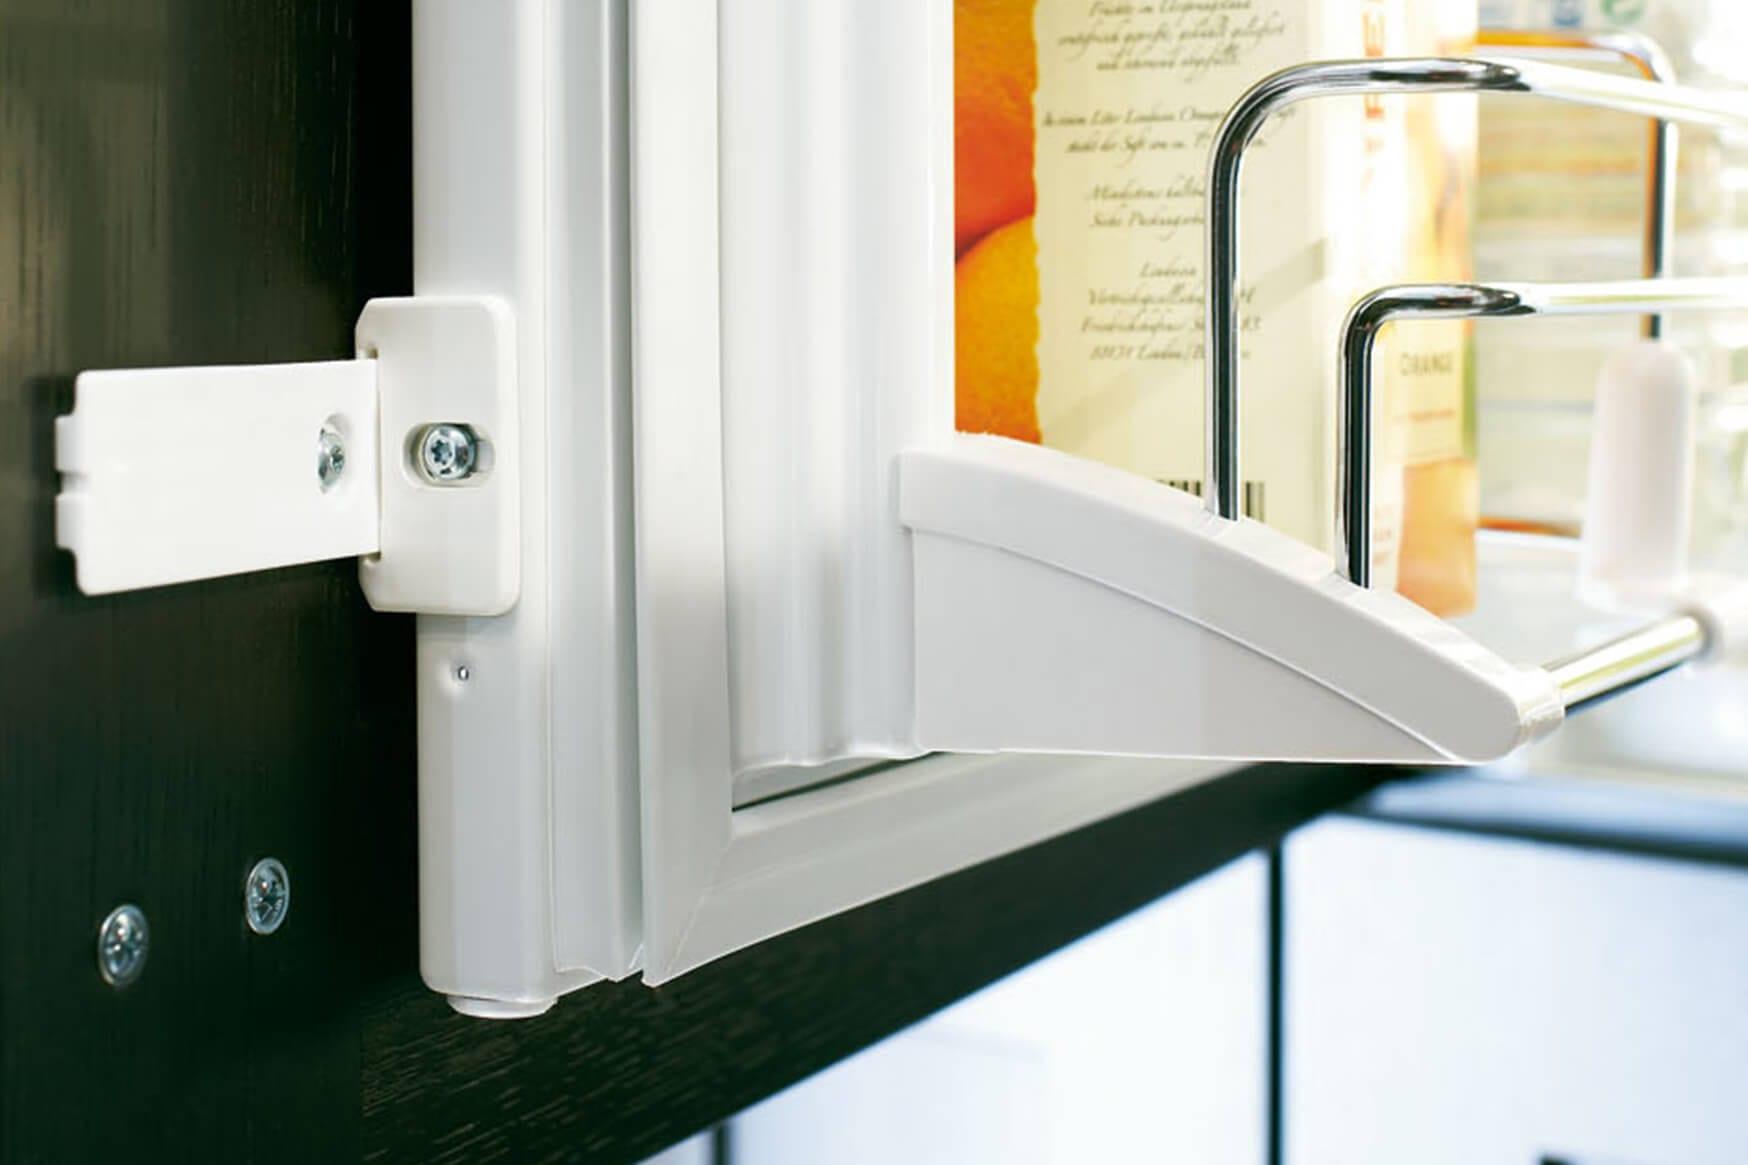 Aeg Kühlschrank Türanschlag Wechseln : Festtür u2013 schlepptür: zwei mögliche einbauarten freshmag liebherr